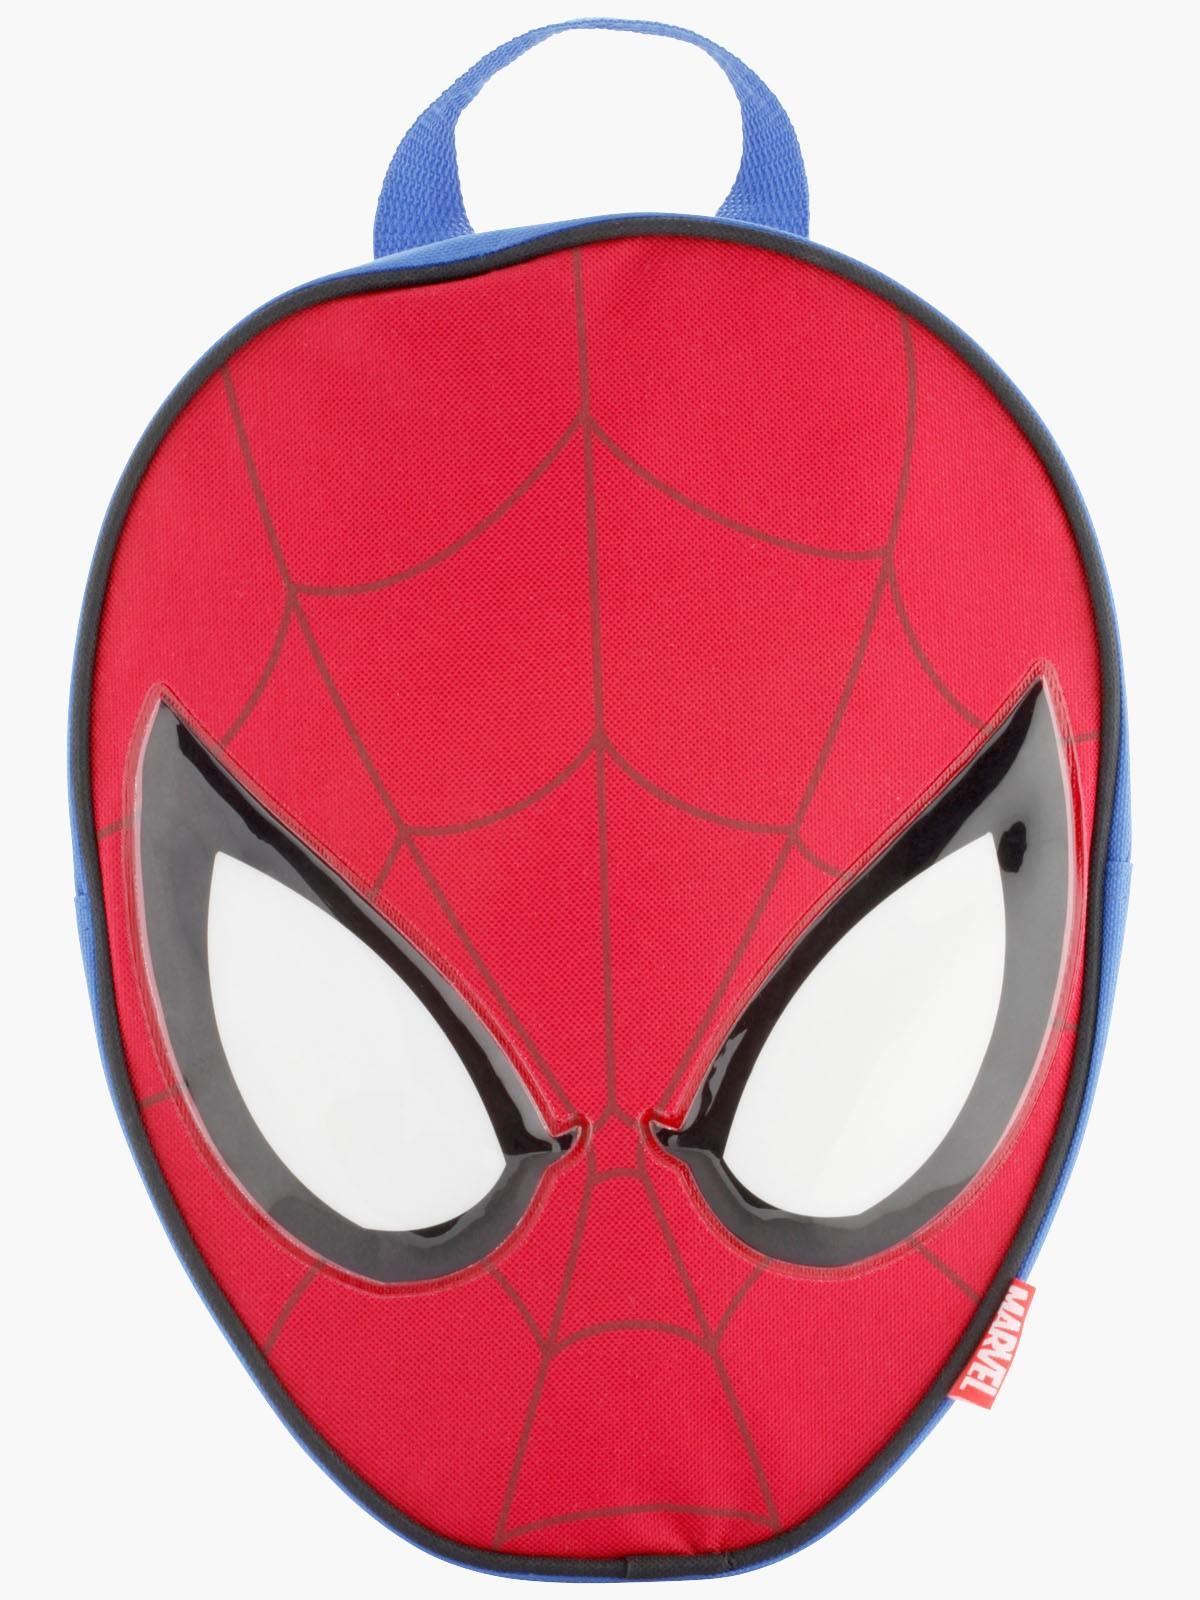 Coloriage Masque Spiderman À Imprimer avec Masque Spiderman A Imprimer